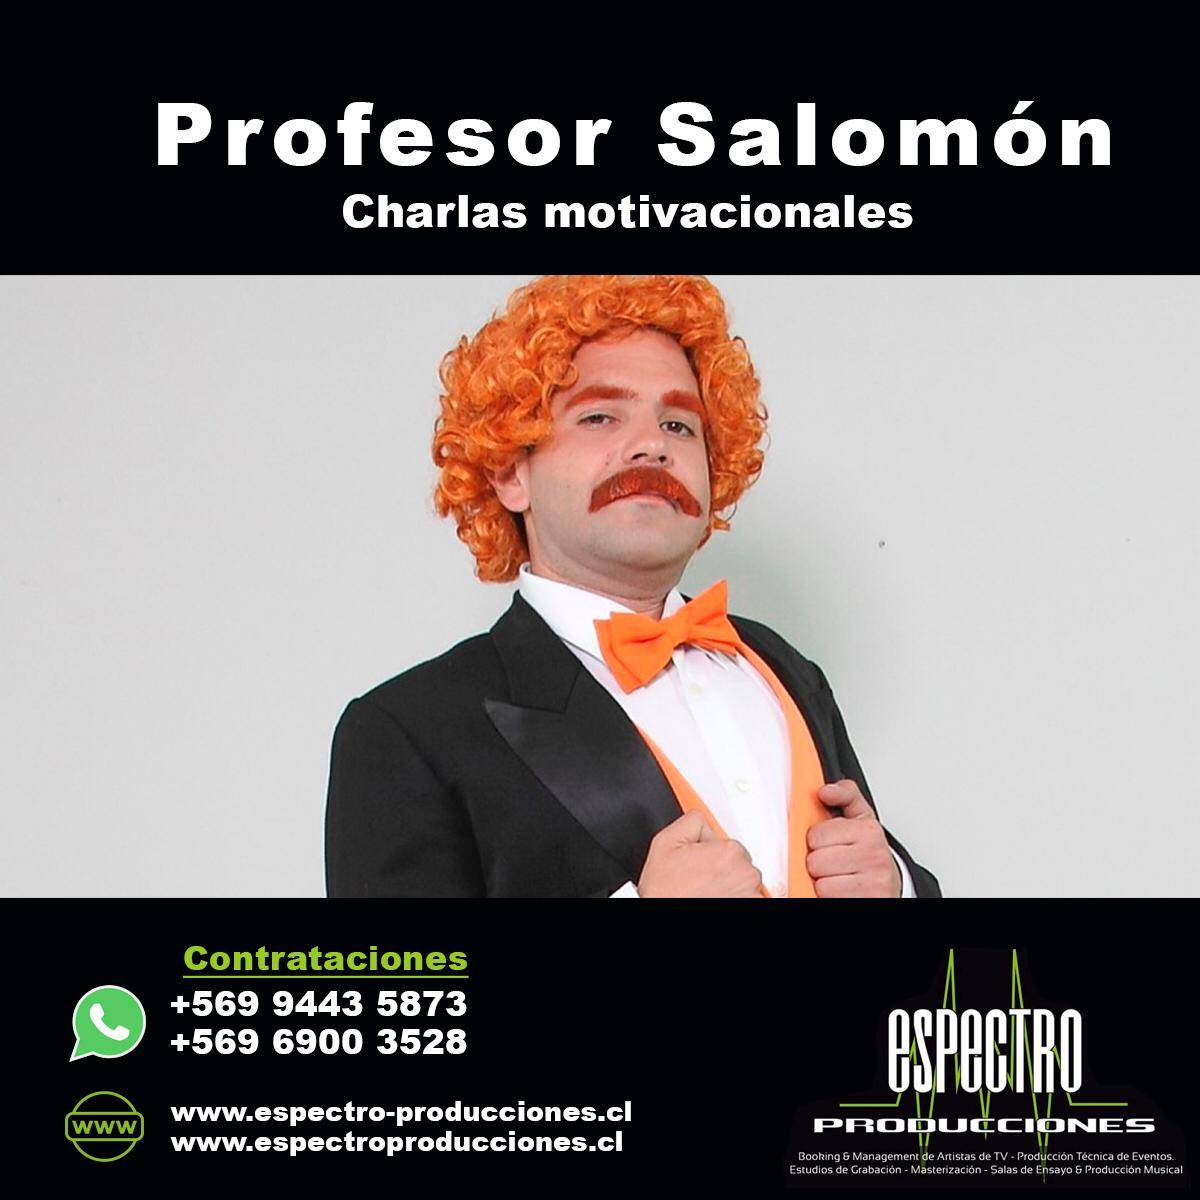 Profesor Salomón